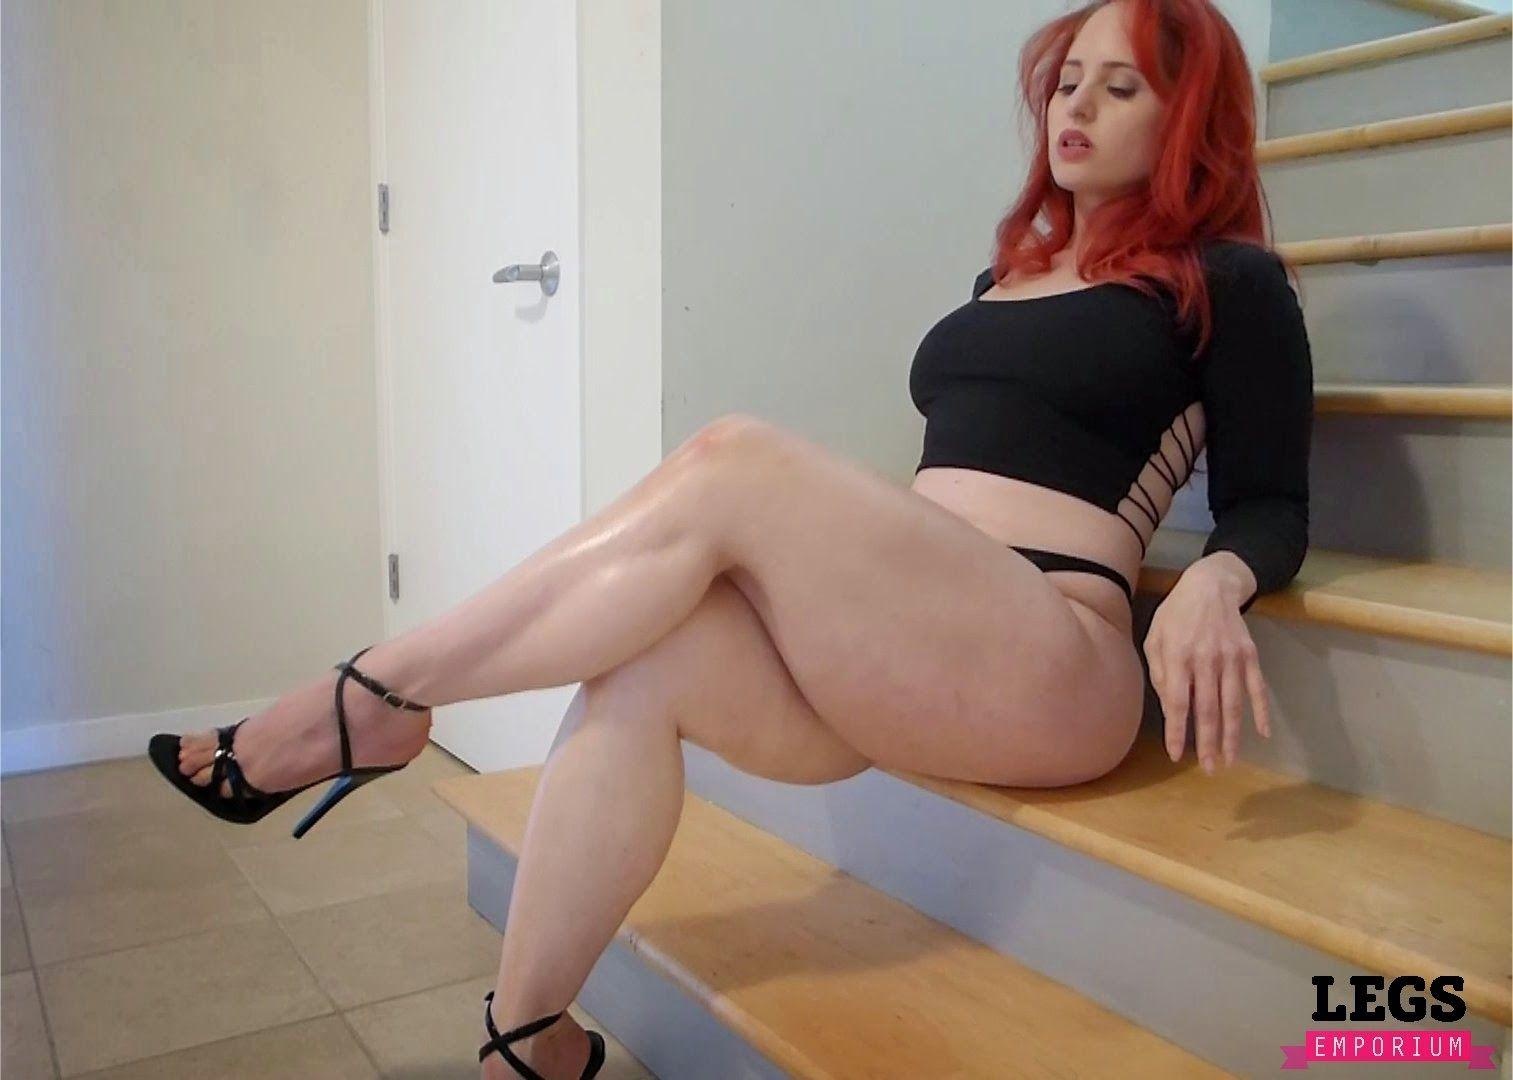 Tara reid bad boob